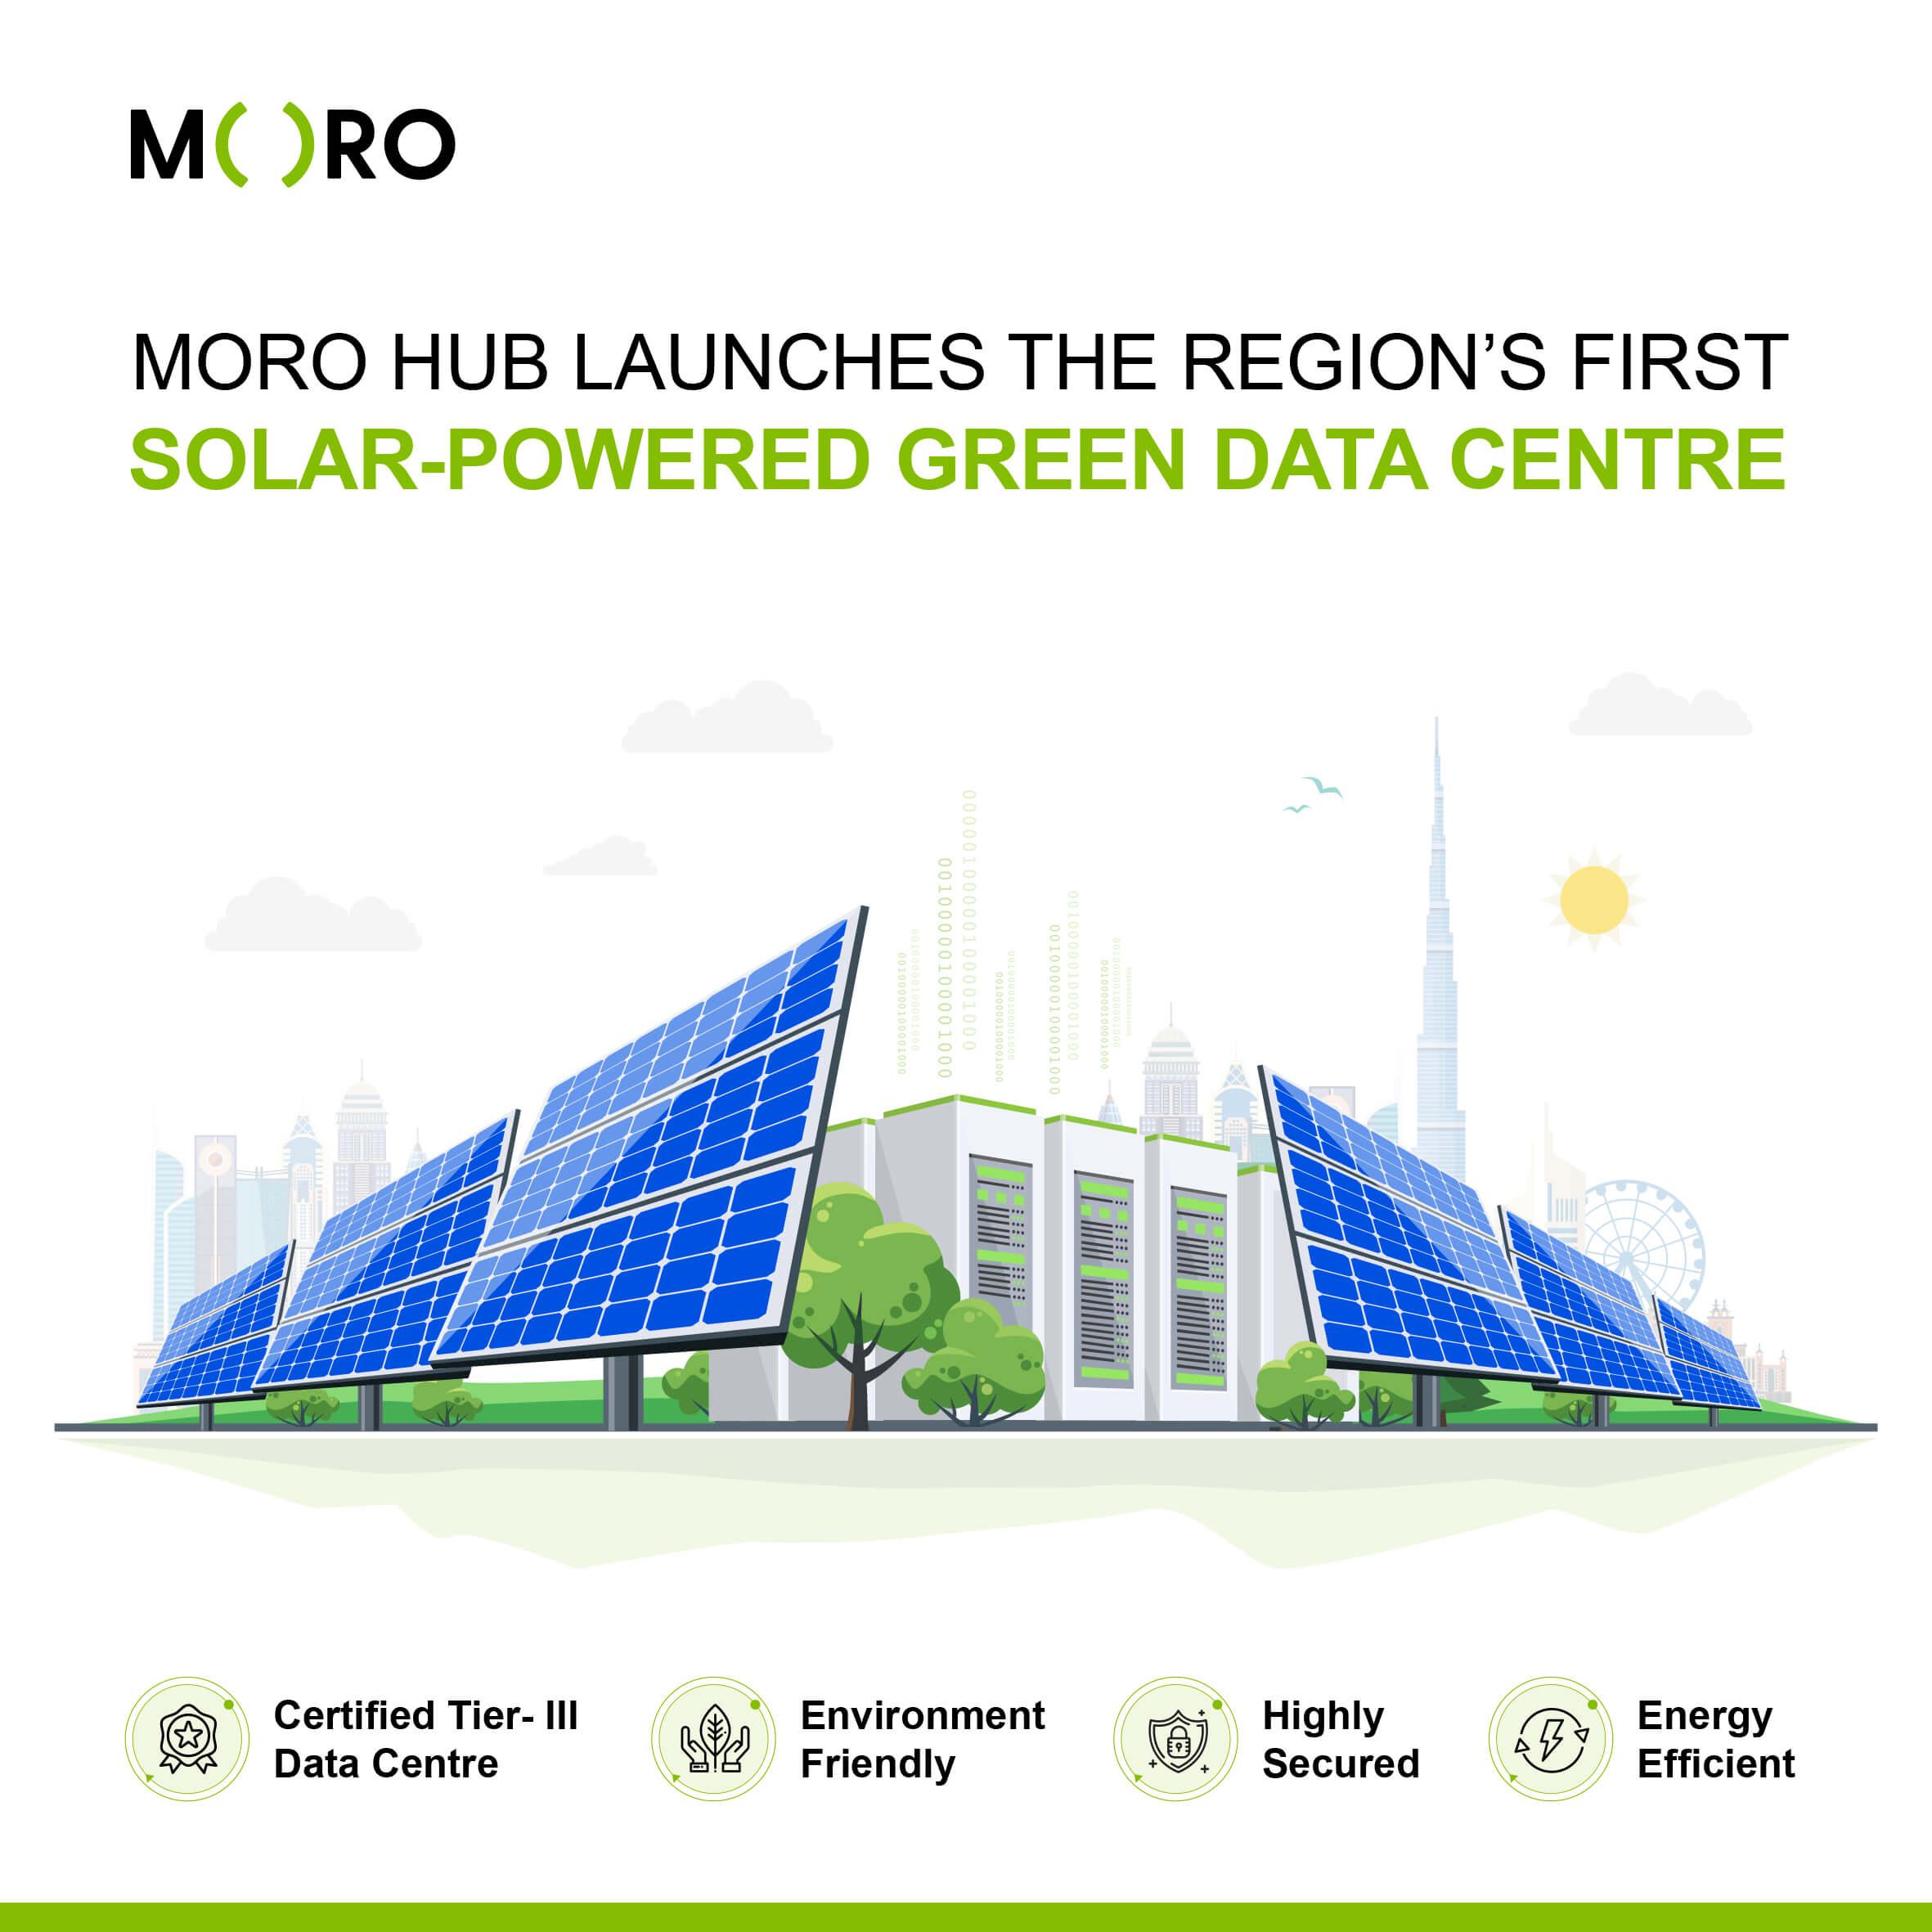 مورو تُطلق أول مركز بيانات أخضر يعمل بالطاقة الشمسية في المنطقة